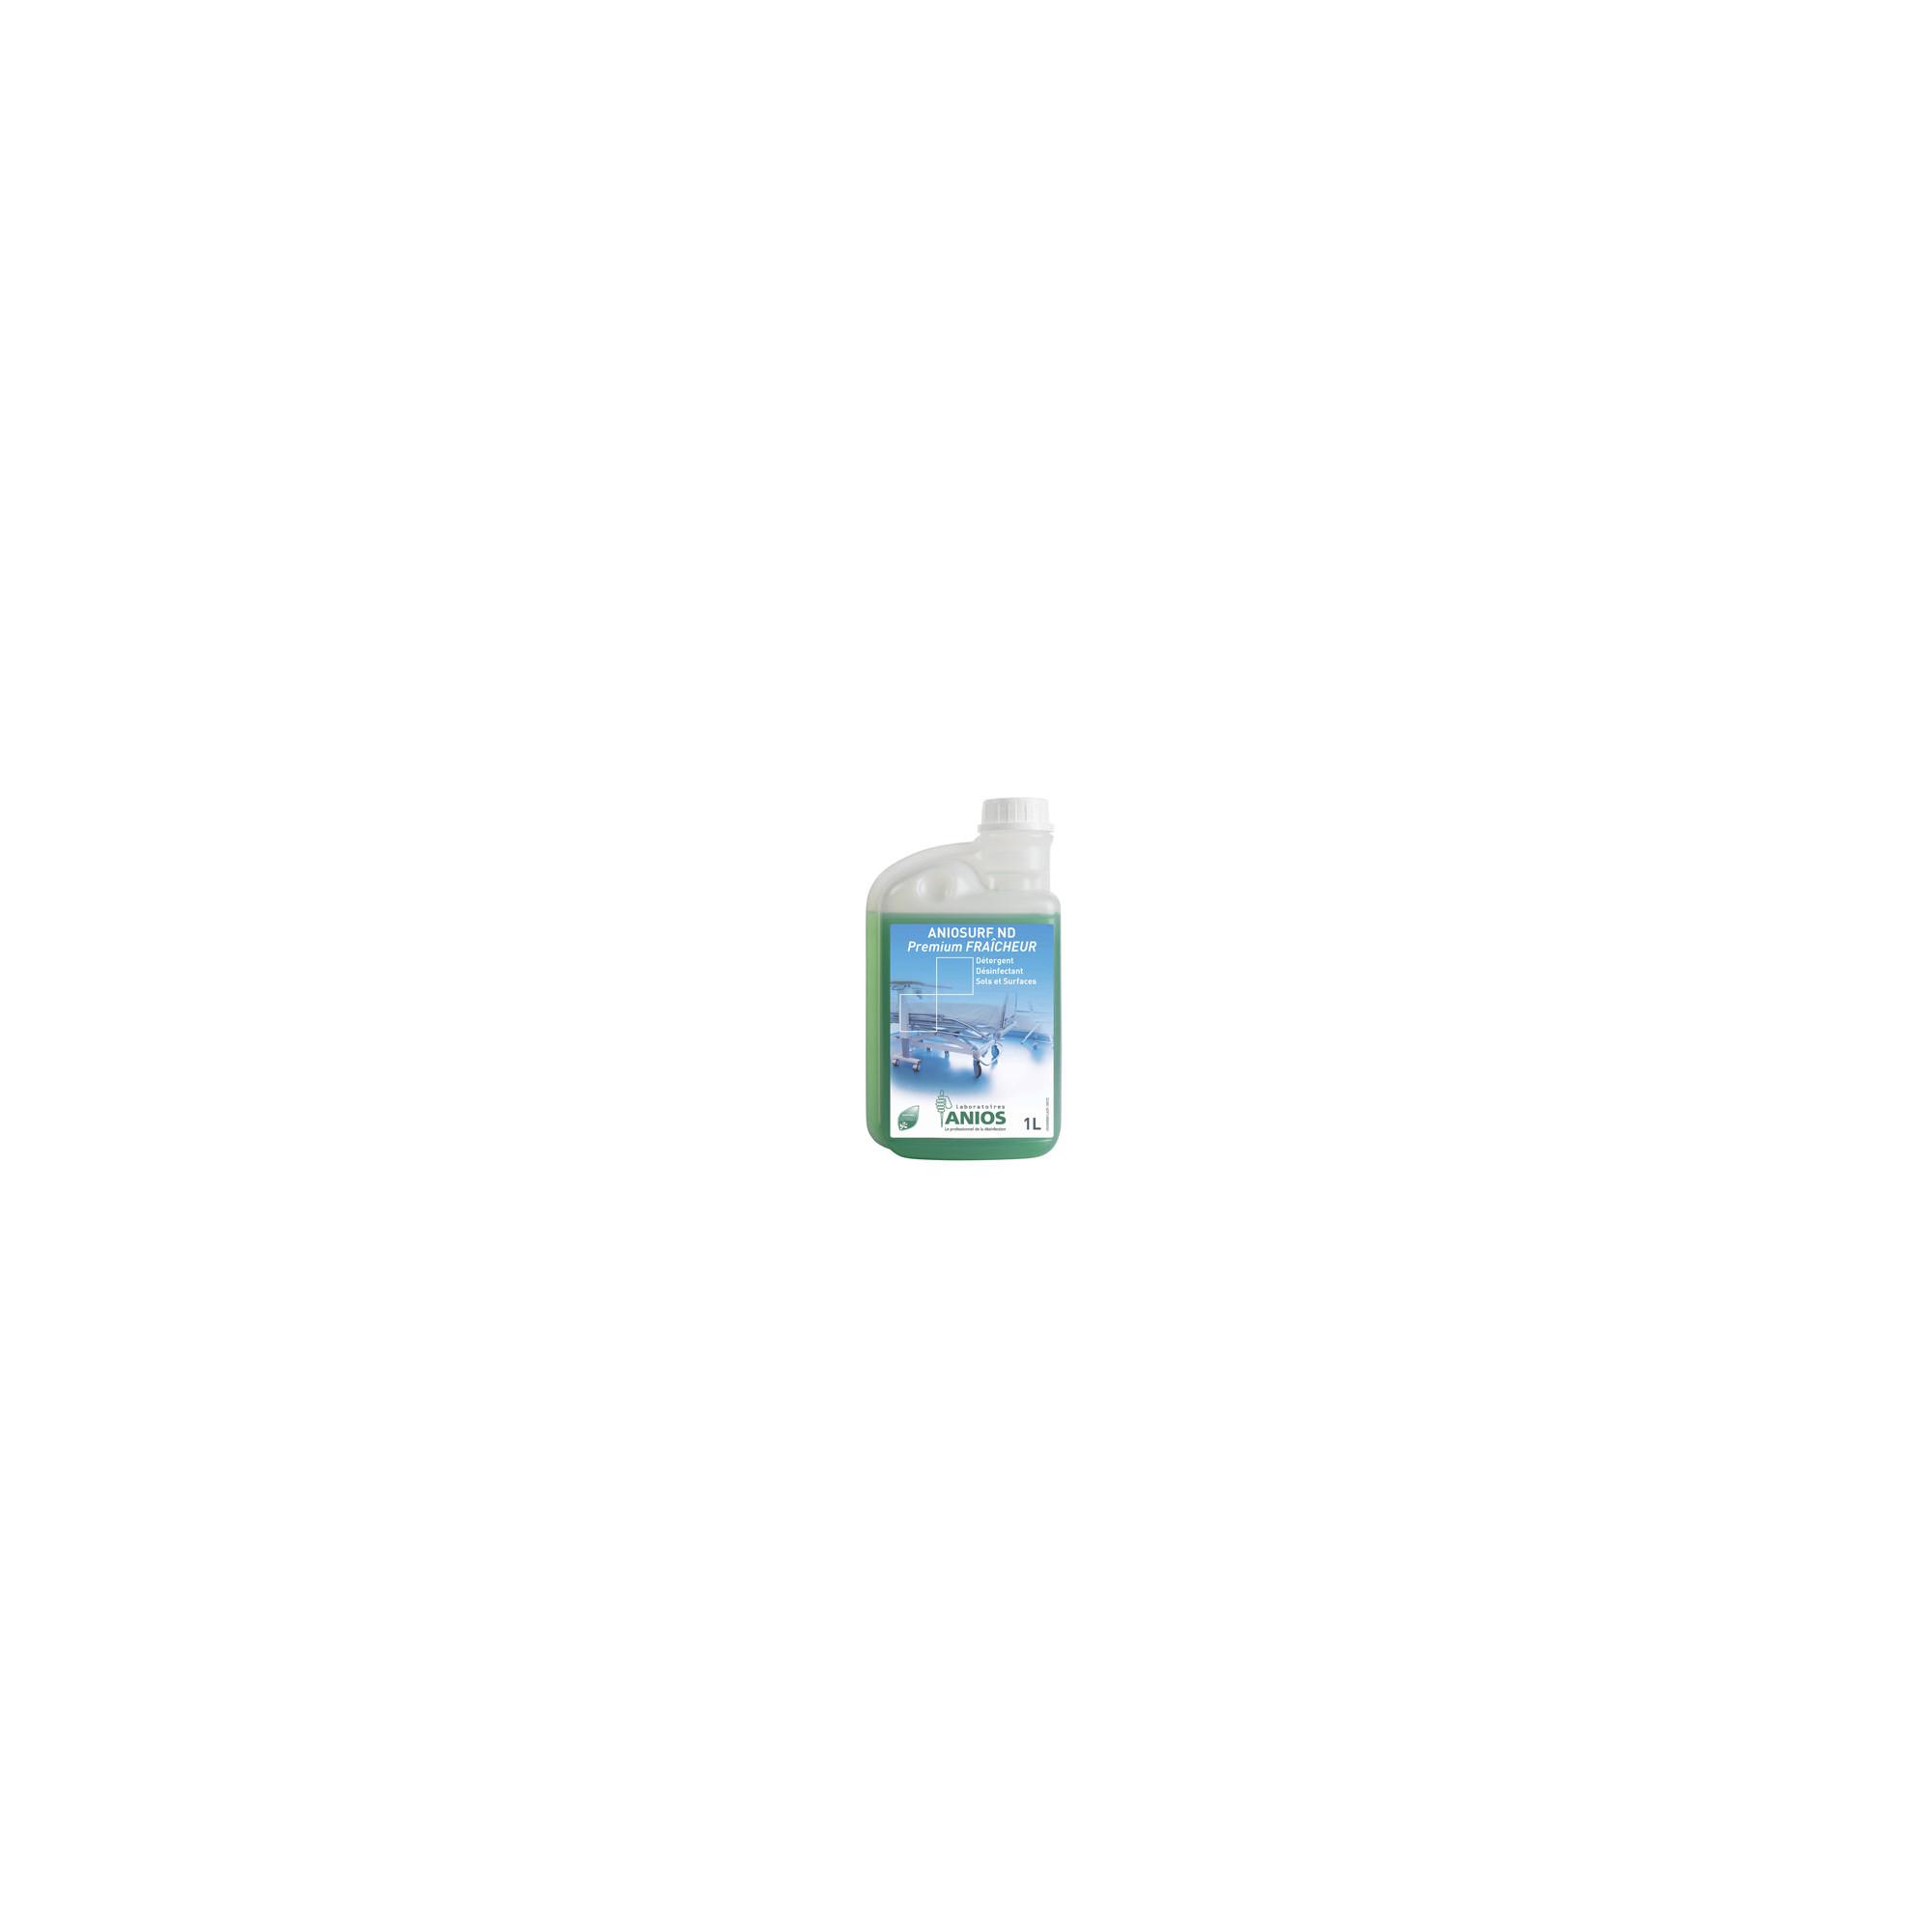 Aniosurf ND Premium Fraicheur - Anios 1L